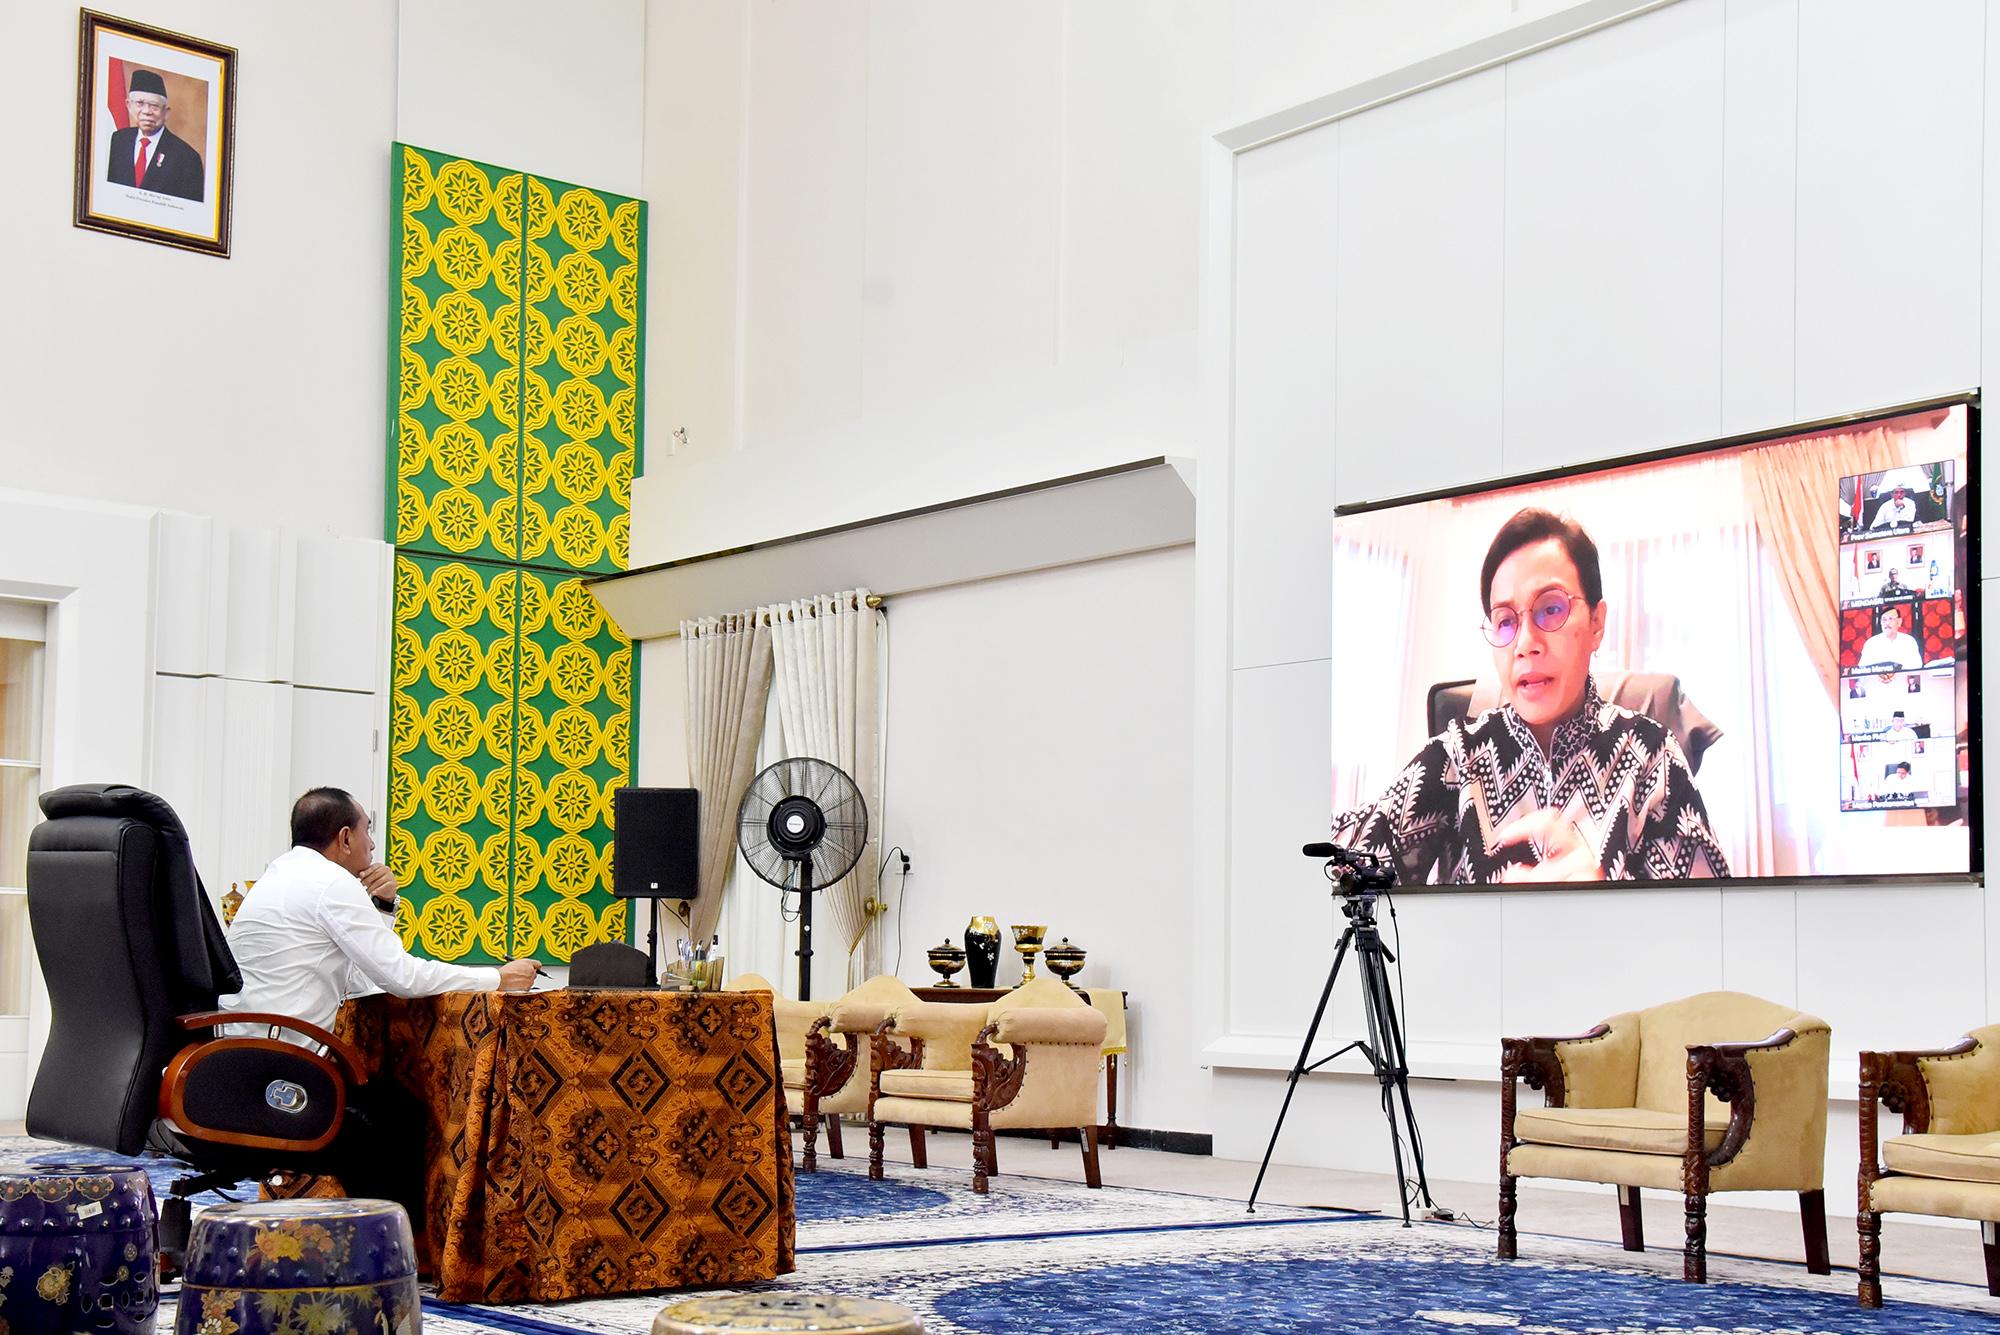 Gubernur Sumut Edy Rahmayadi mendengarkan arahan Menkeu Sri Mulyani saat video conference bersama kepala daerah se Indonesia, Kamis (9/4/2020). Foto: Biro Humas dan Keprotokolan Setdaprov Sumut/ Veri Ardian